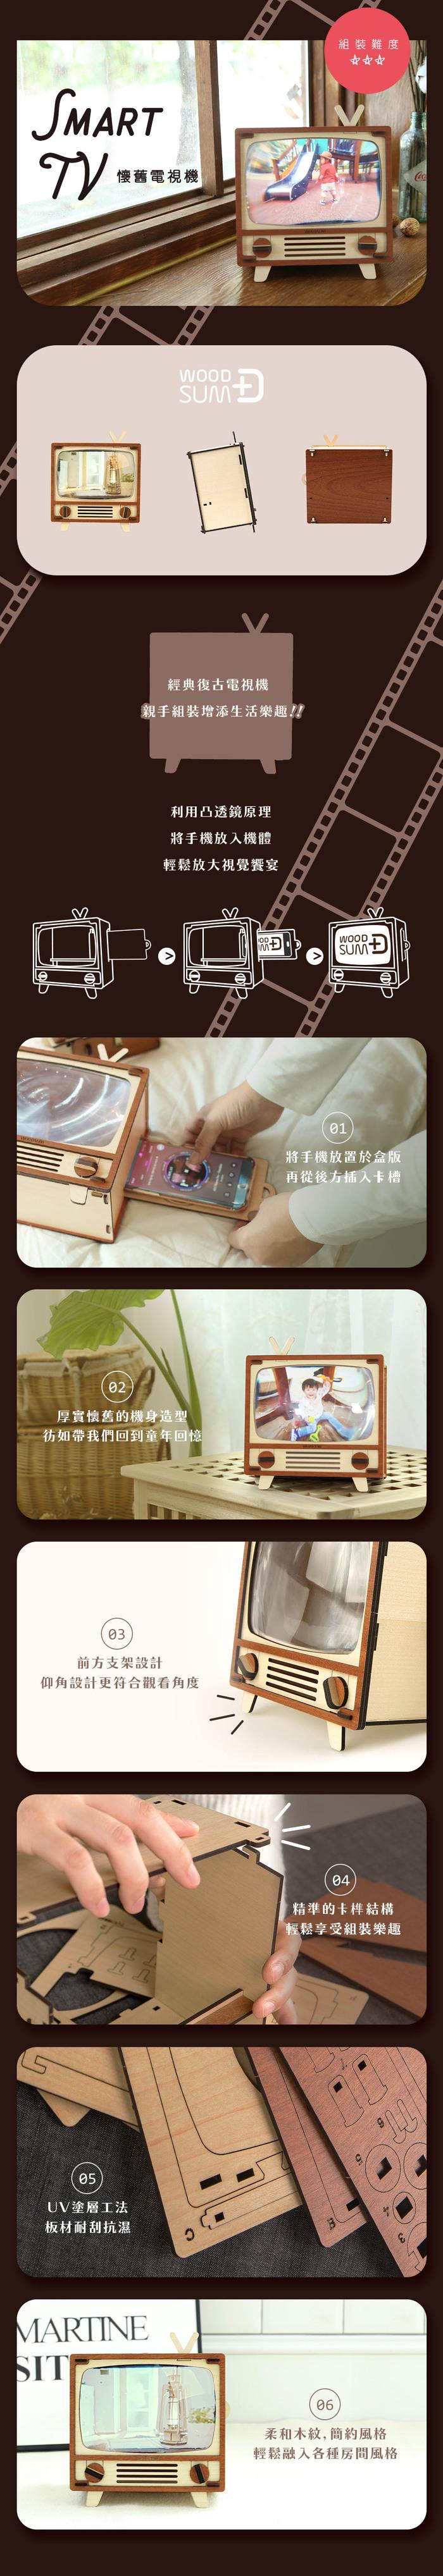 (複製)WOODSUM|輕手作。木製模型 - 復古收音機時鐘